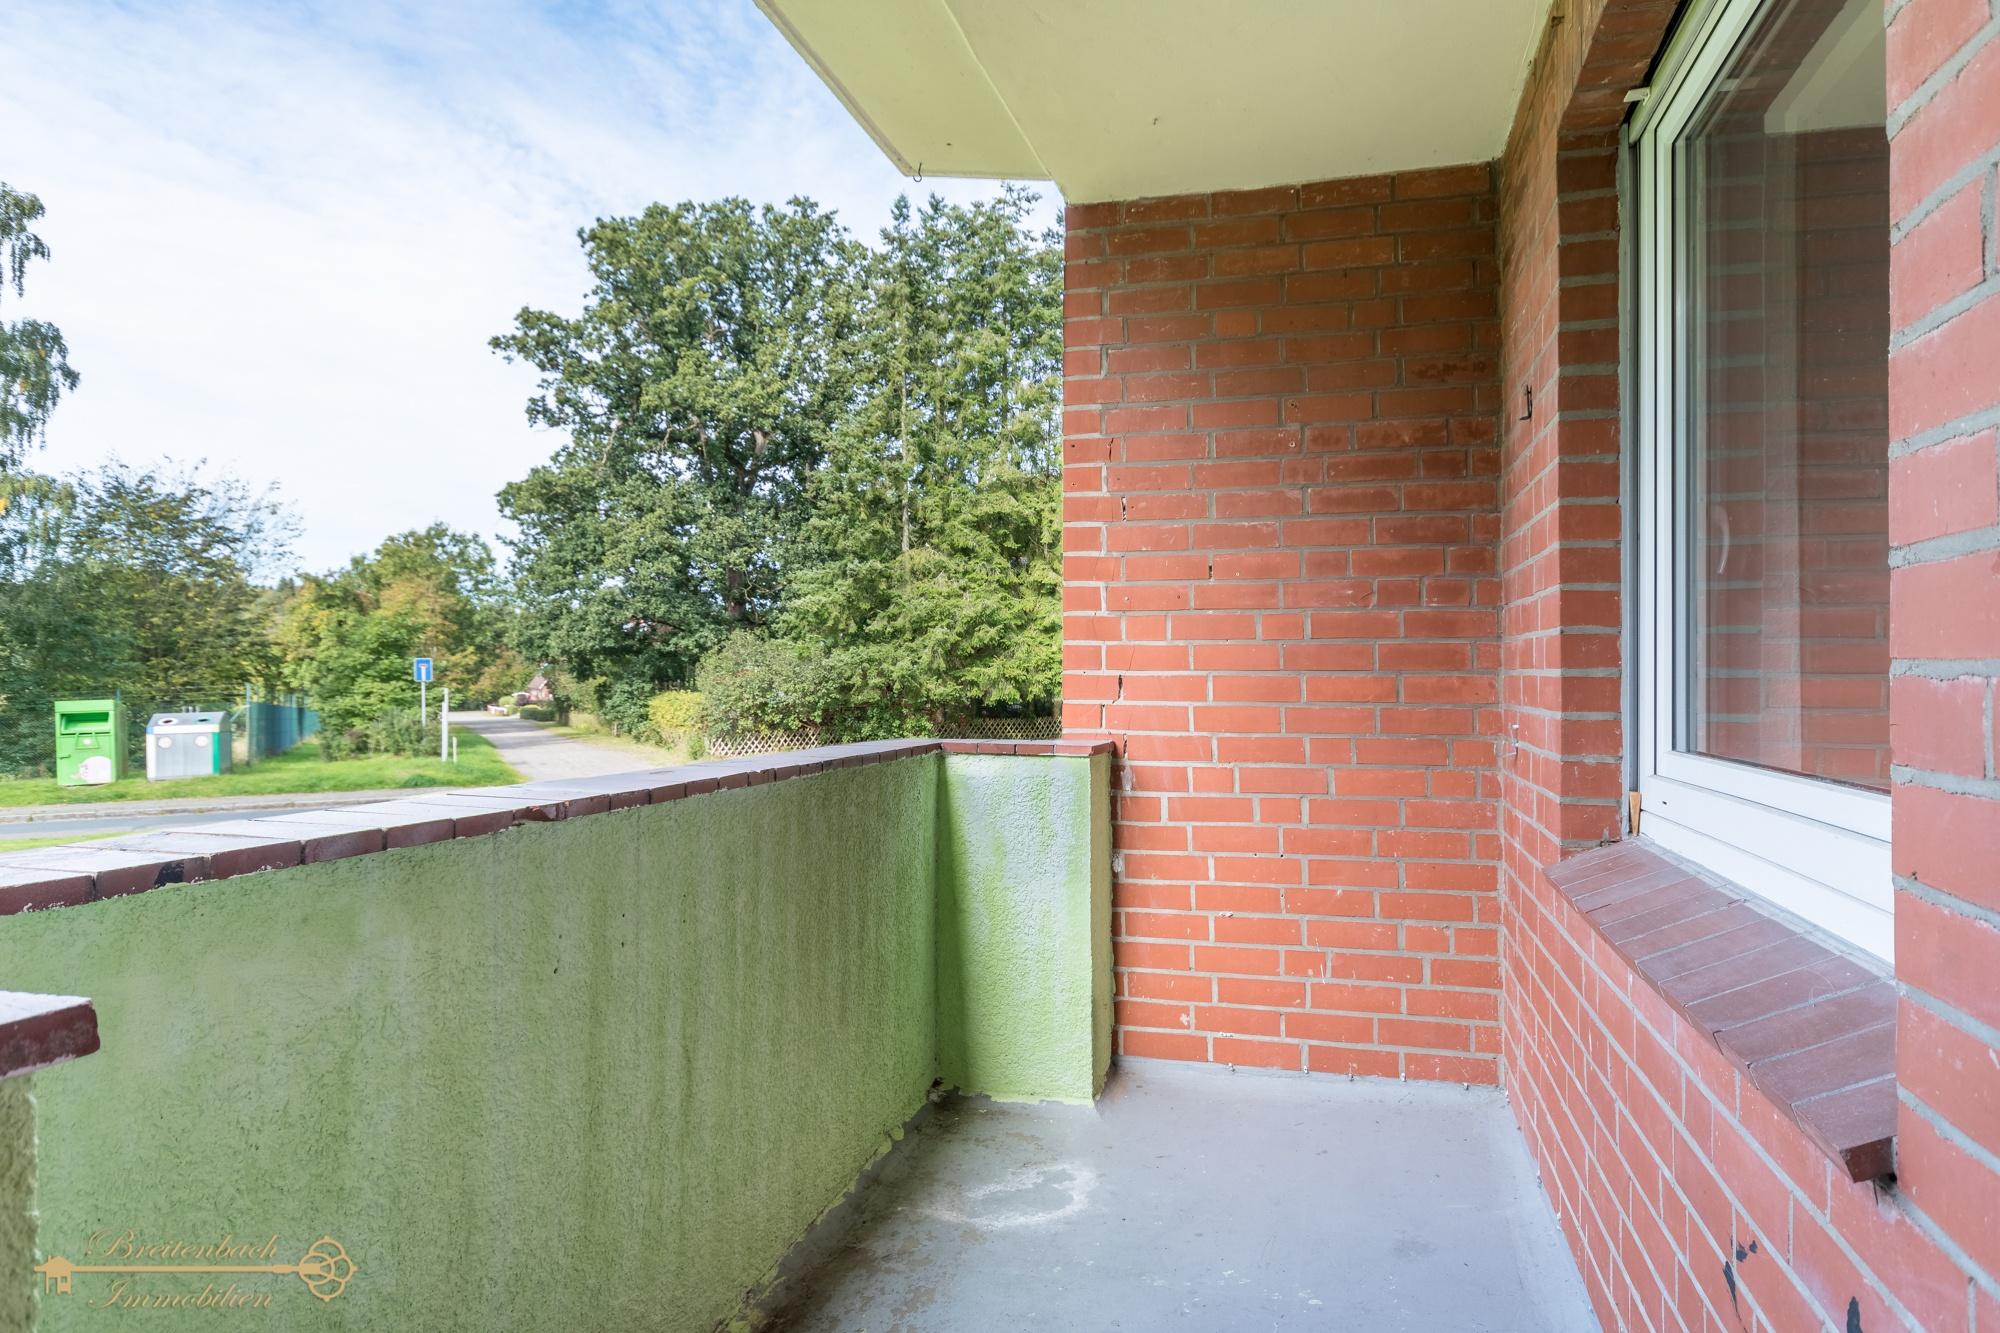 2020-09-26-Breitenbach-Immobilien-15